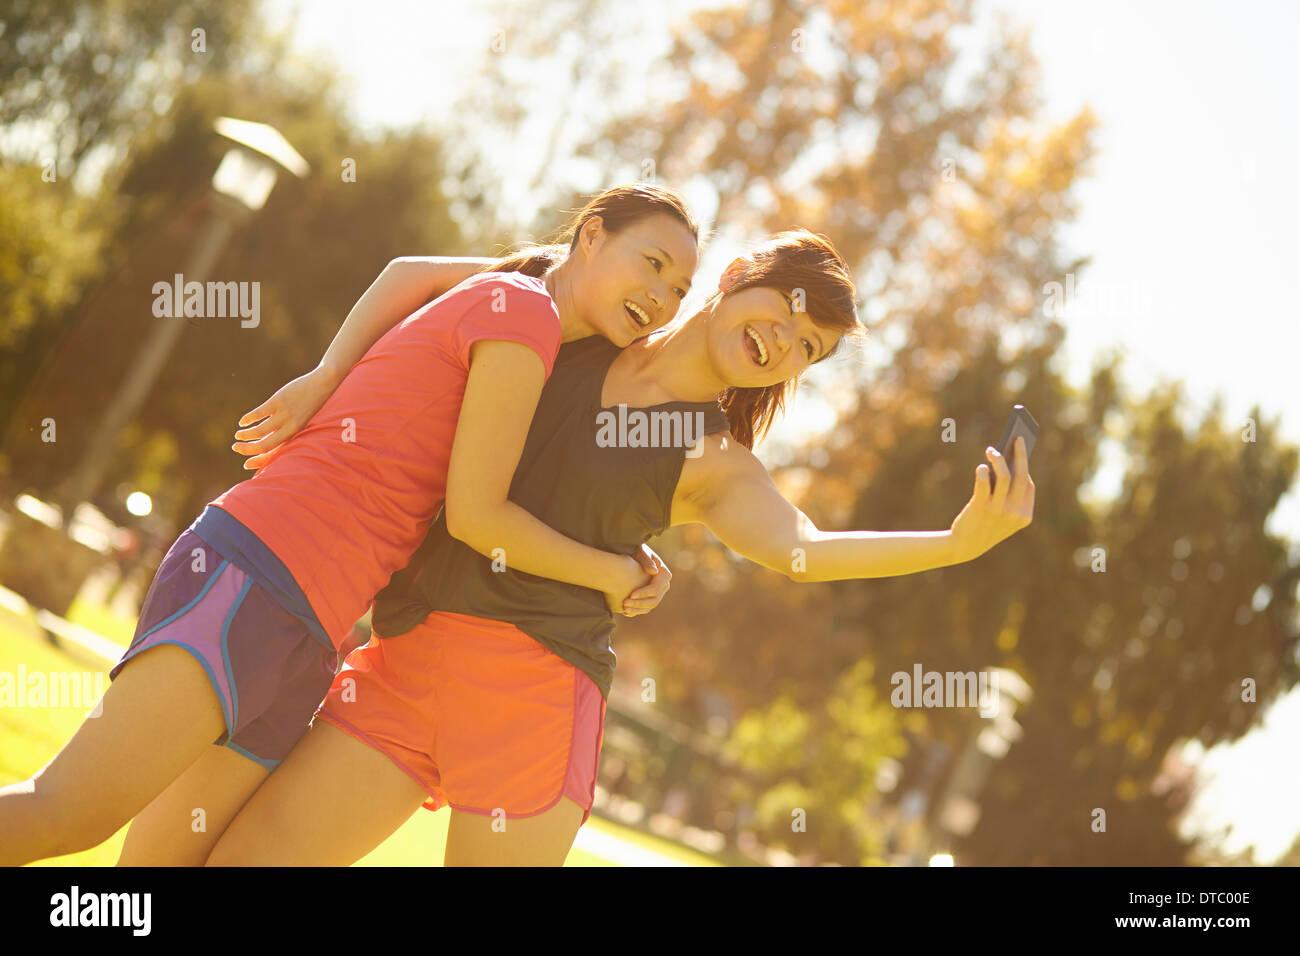 Dos jóvenes mujeres teniendo autorretrato en park Imagen De Stock